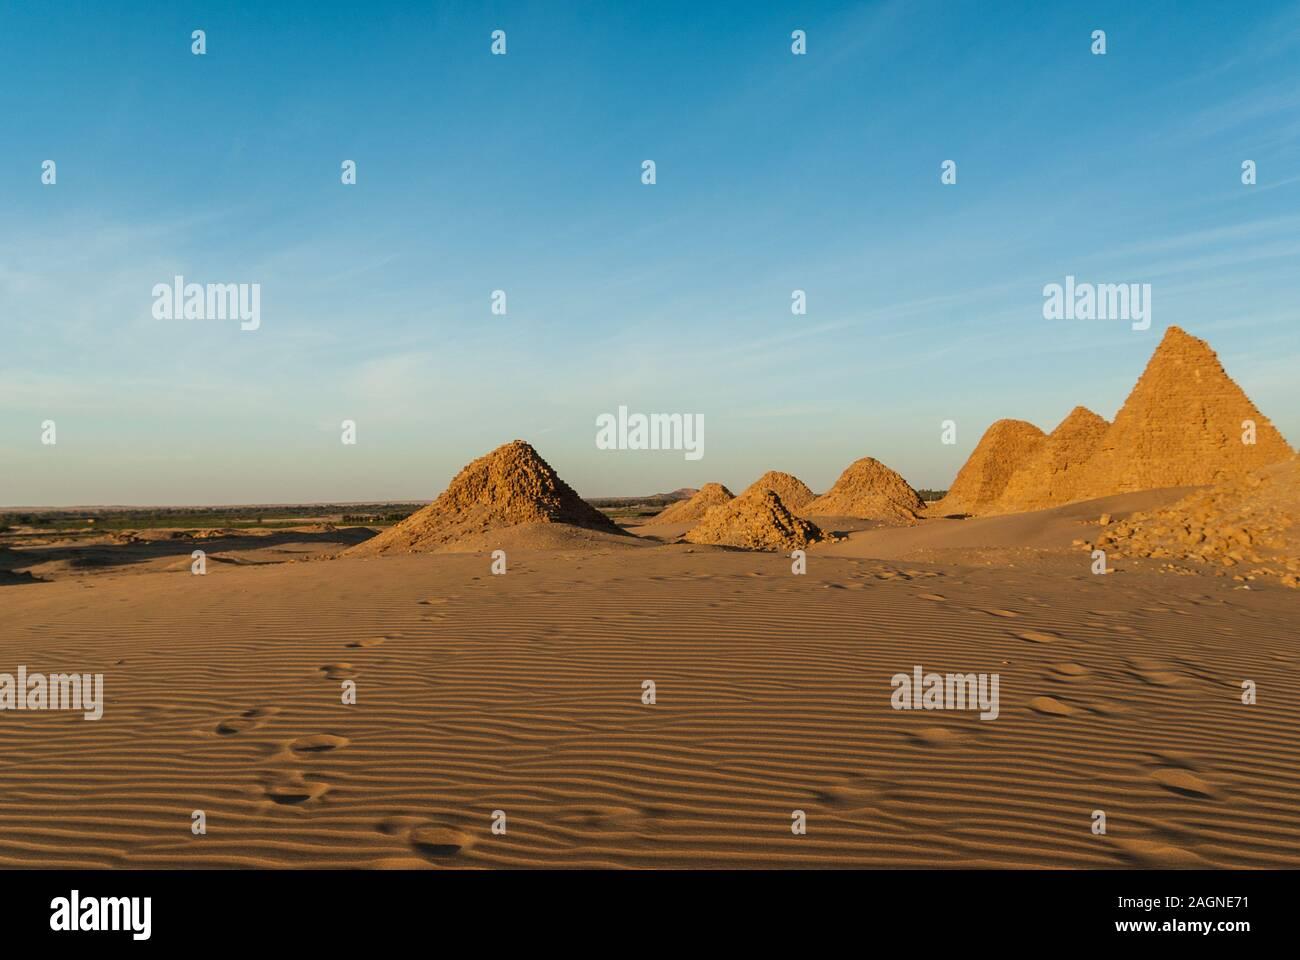 Pyramids, Royal Necropoiis, Nuri near Karima, northern Sudan Stock Photo